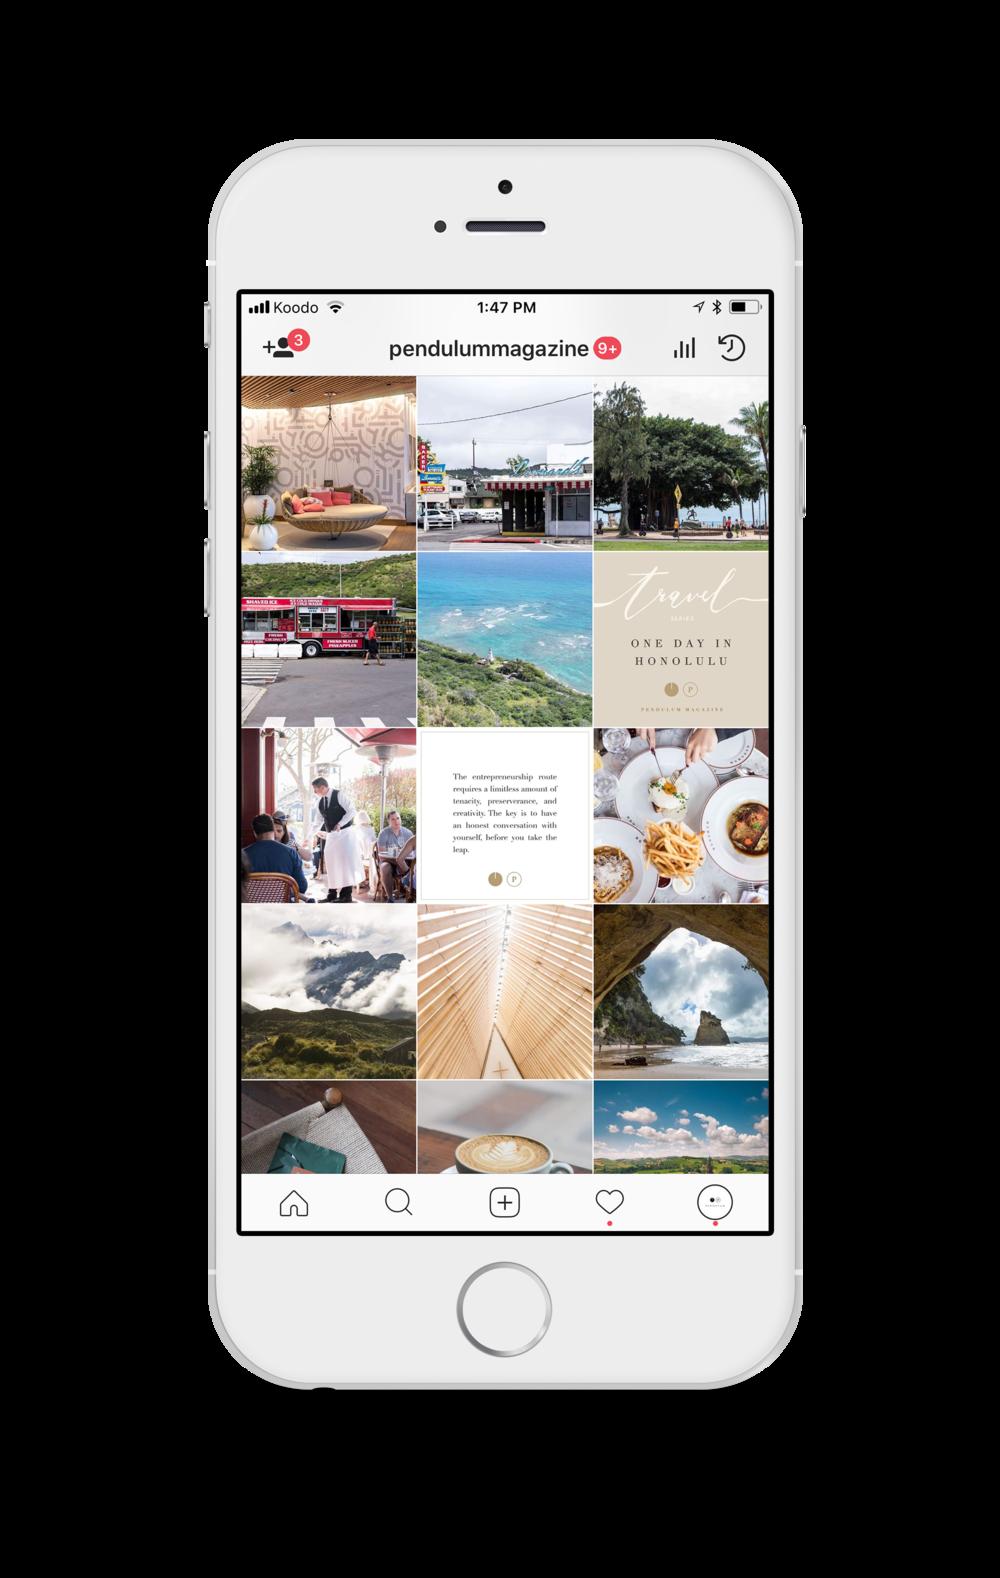 Pendulum Magazine Instagram Profile 2.png